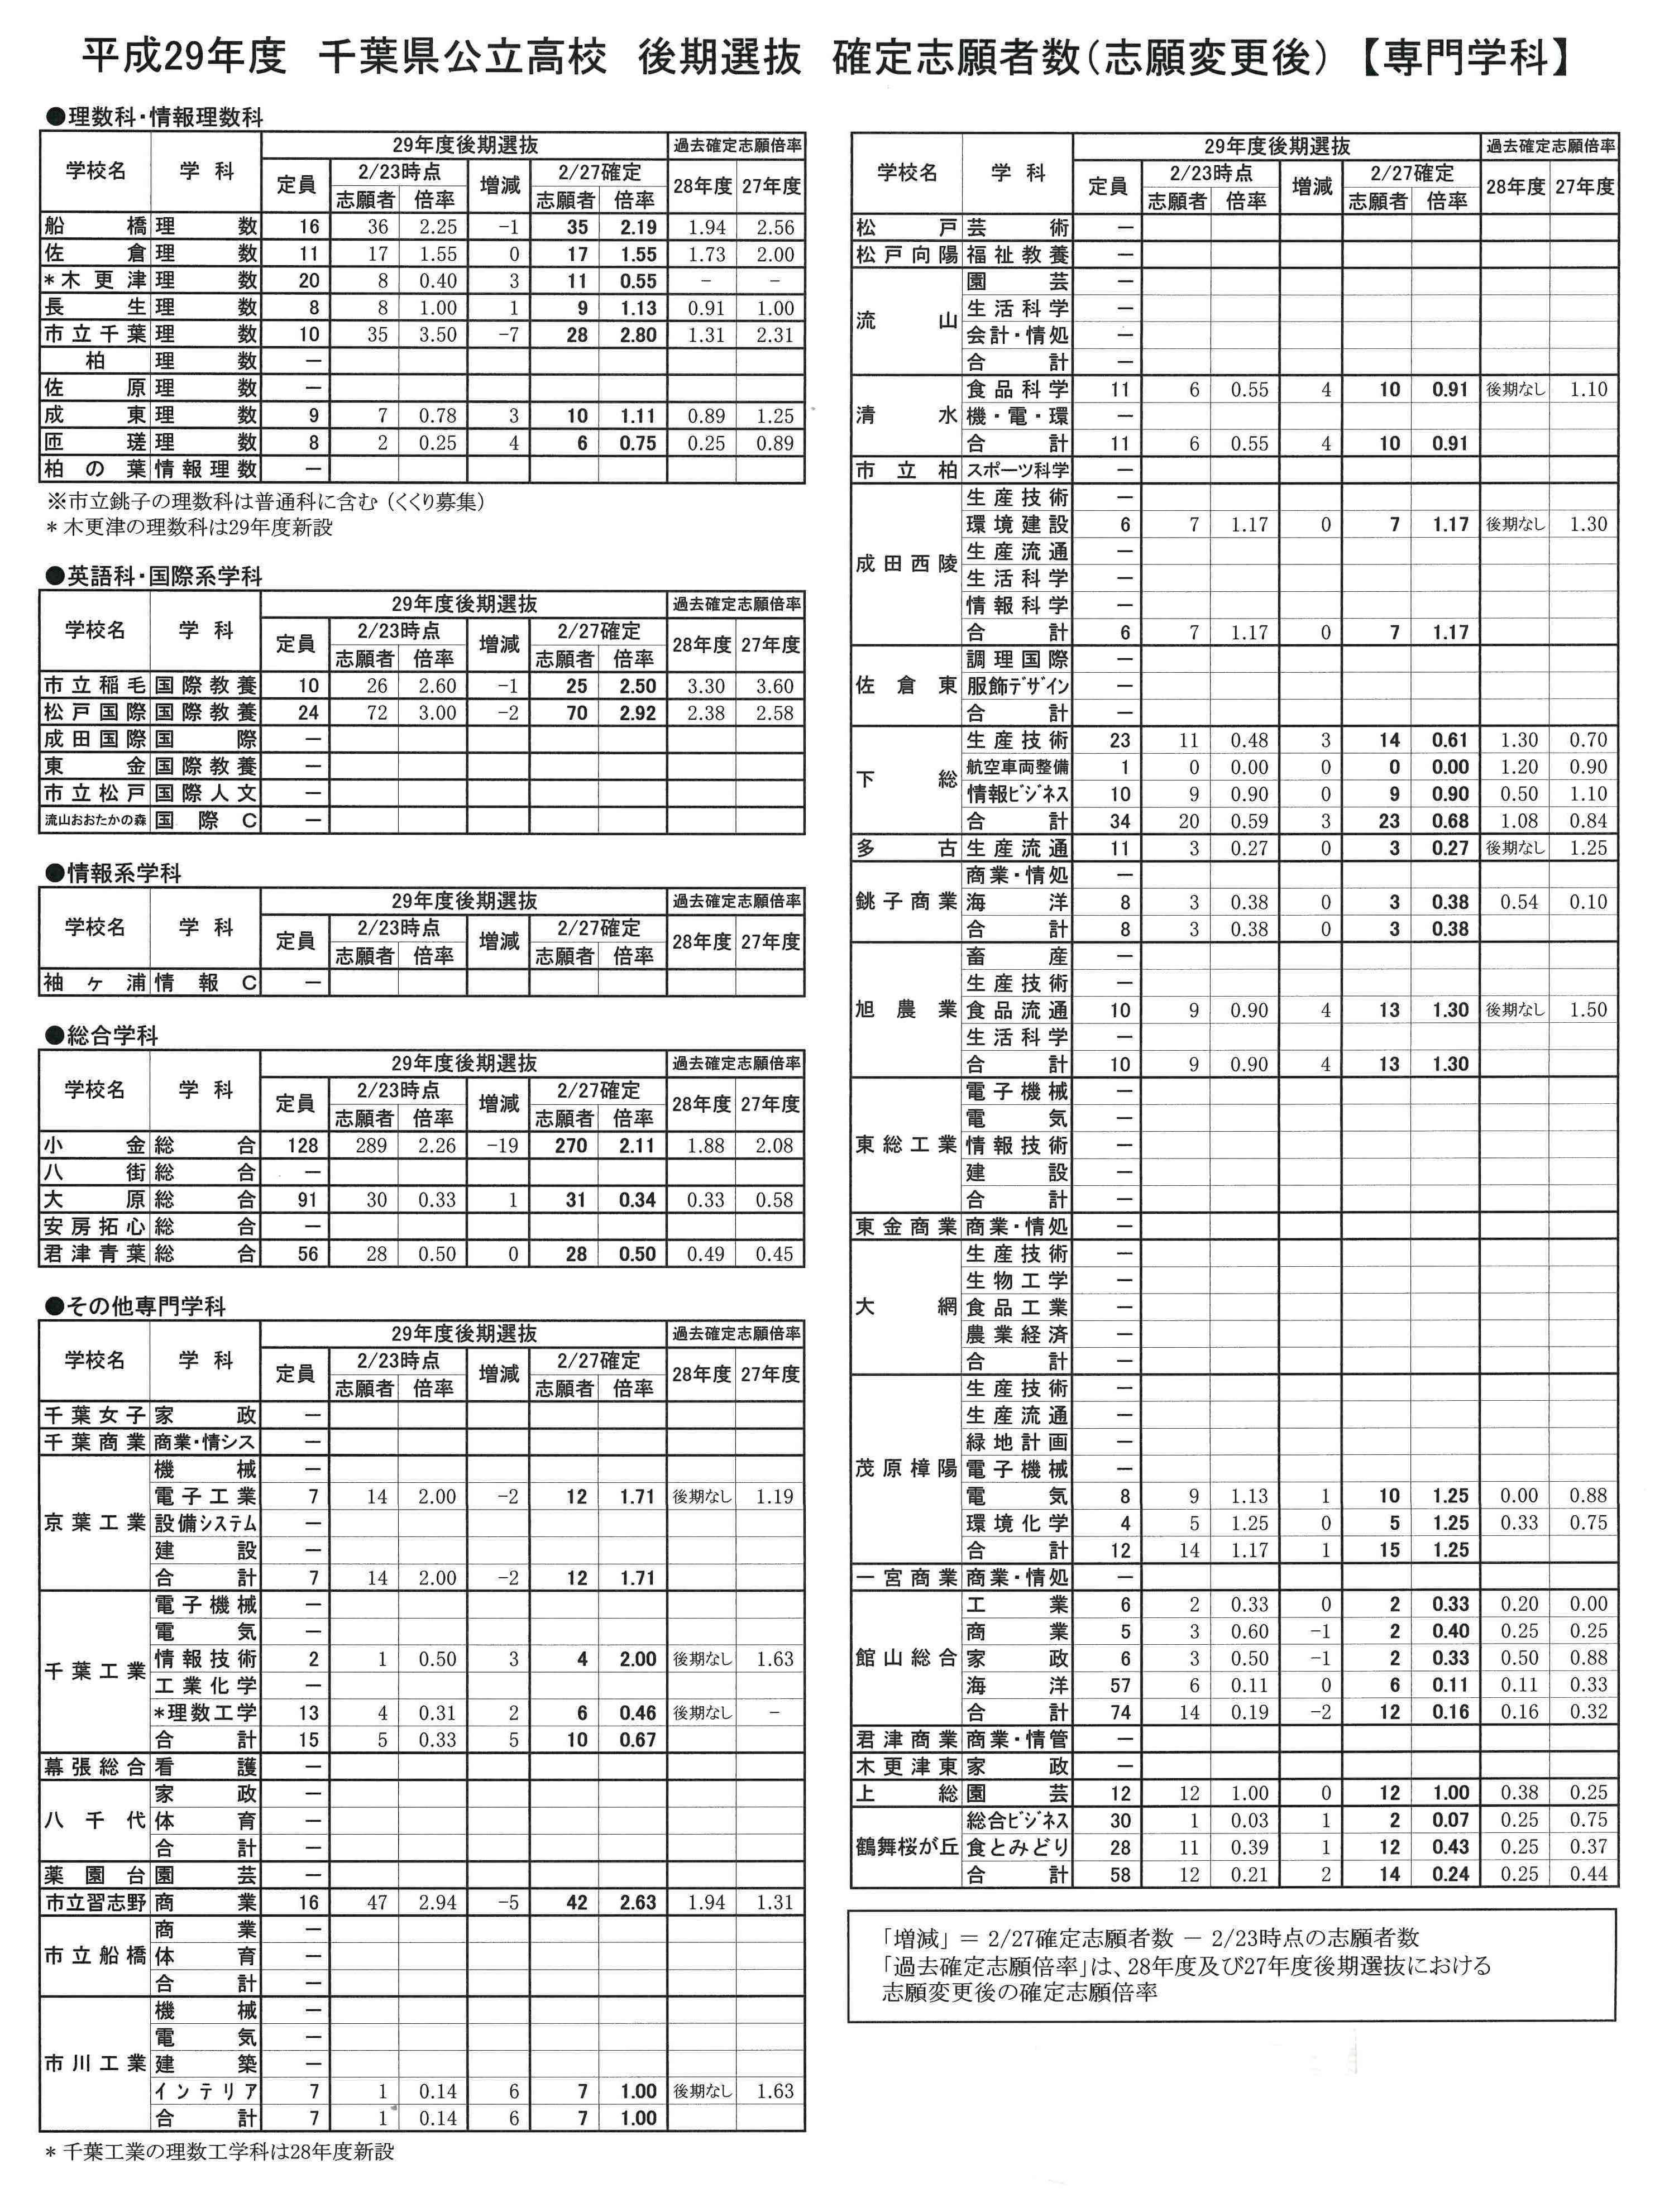 kouki shigan kakutei senmon 2017 02